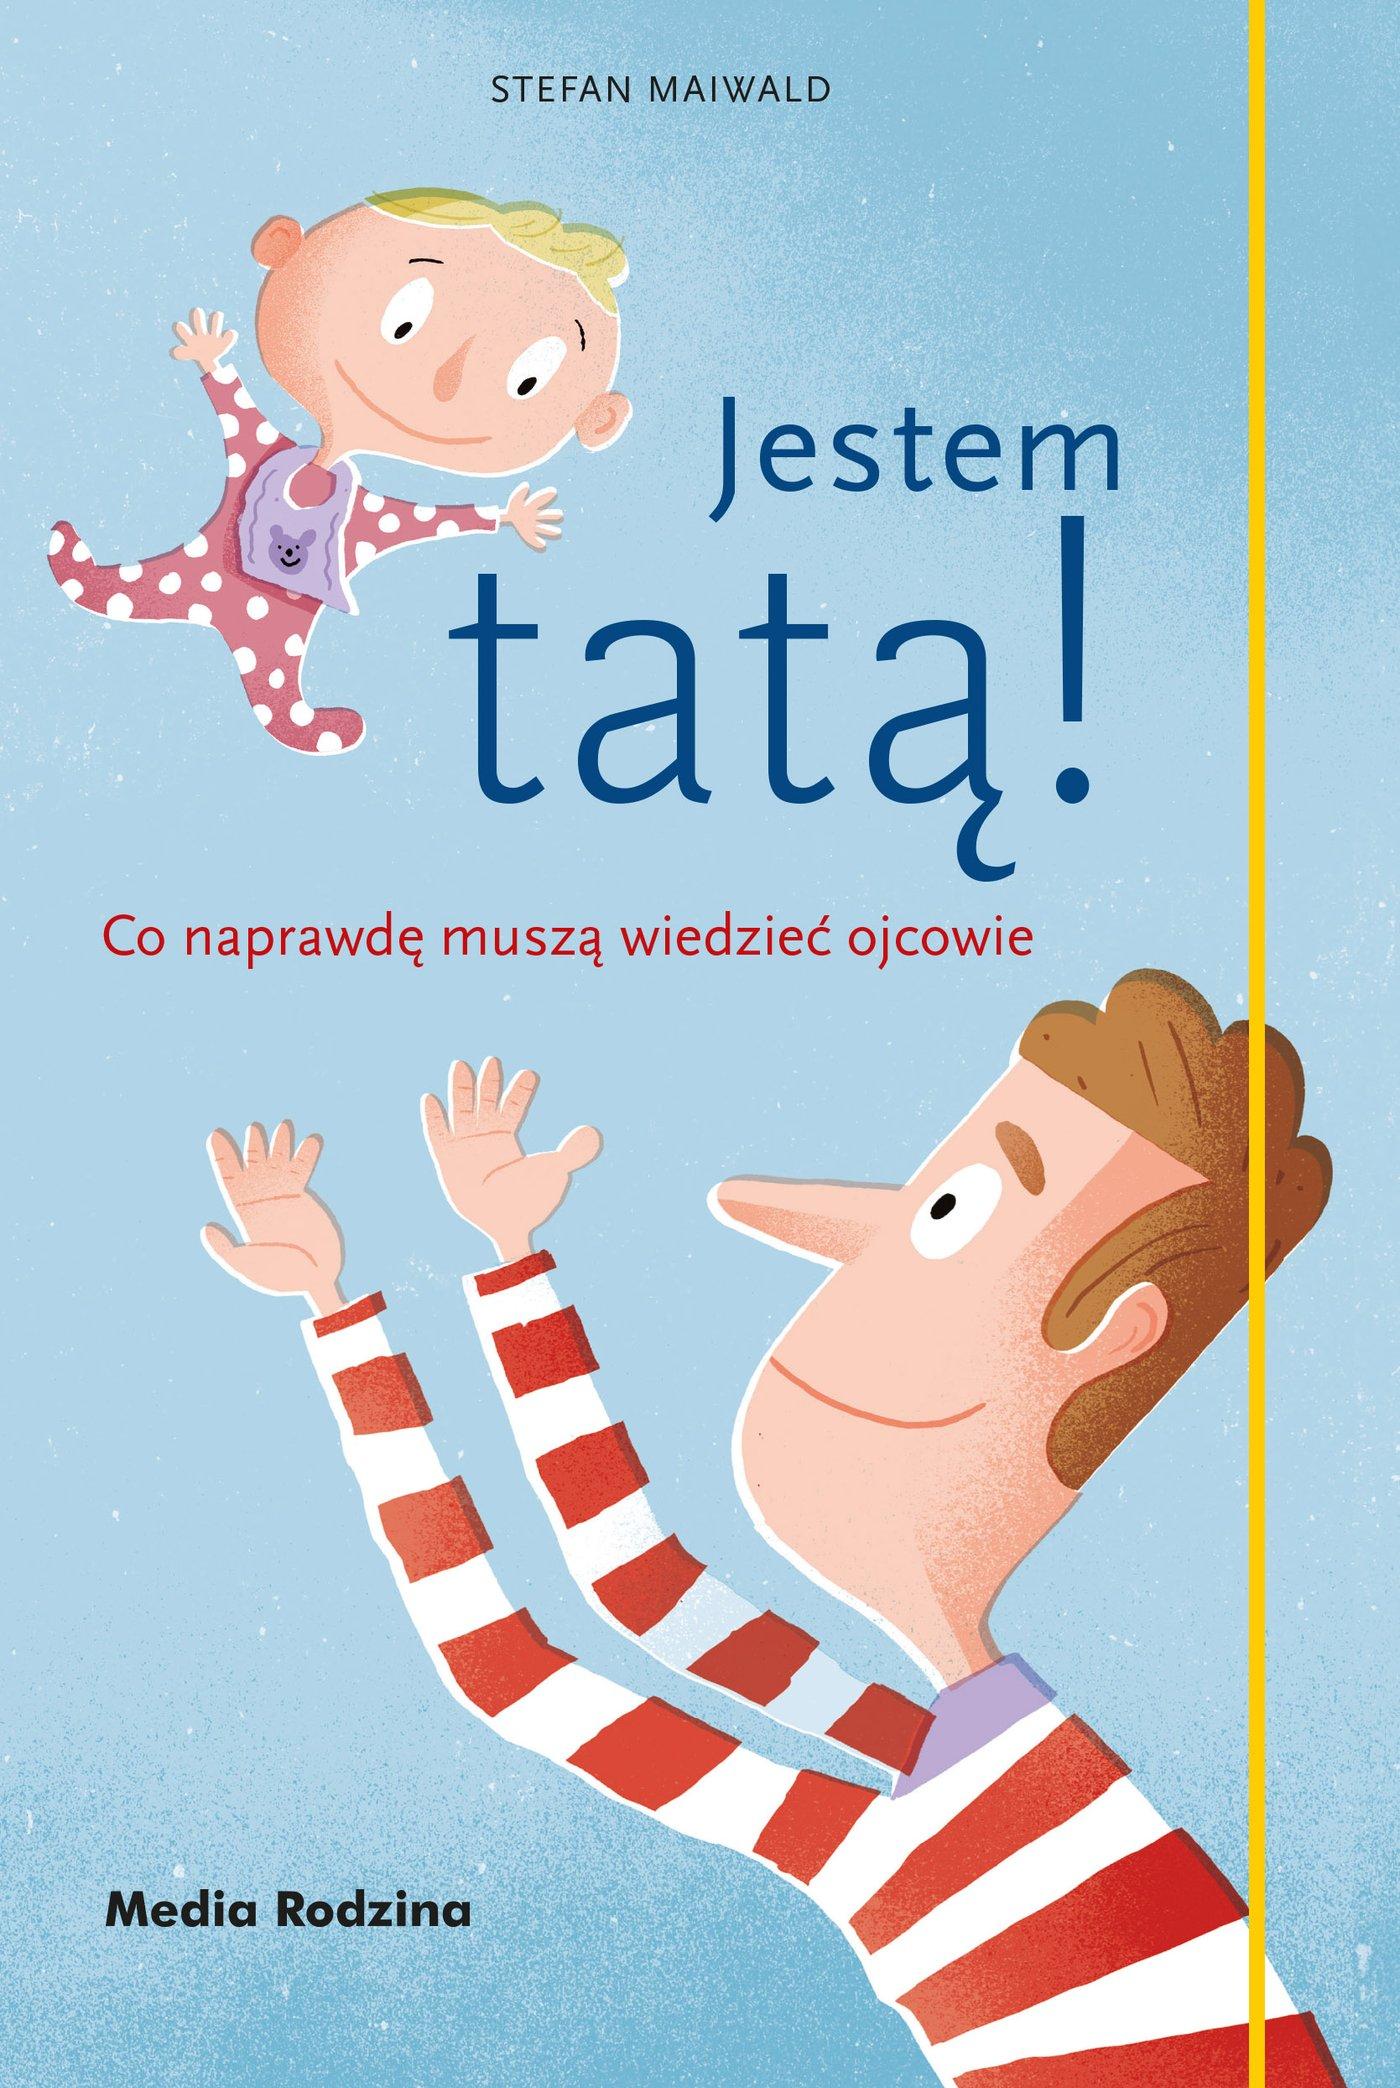 Jestem tatą! - Ebook (Książka EPUB) do pobrania w formacie EPUB